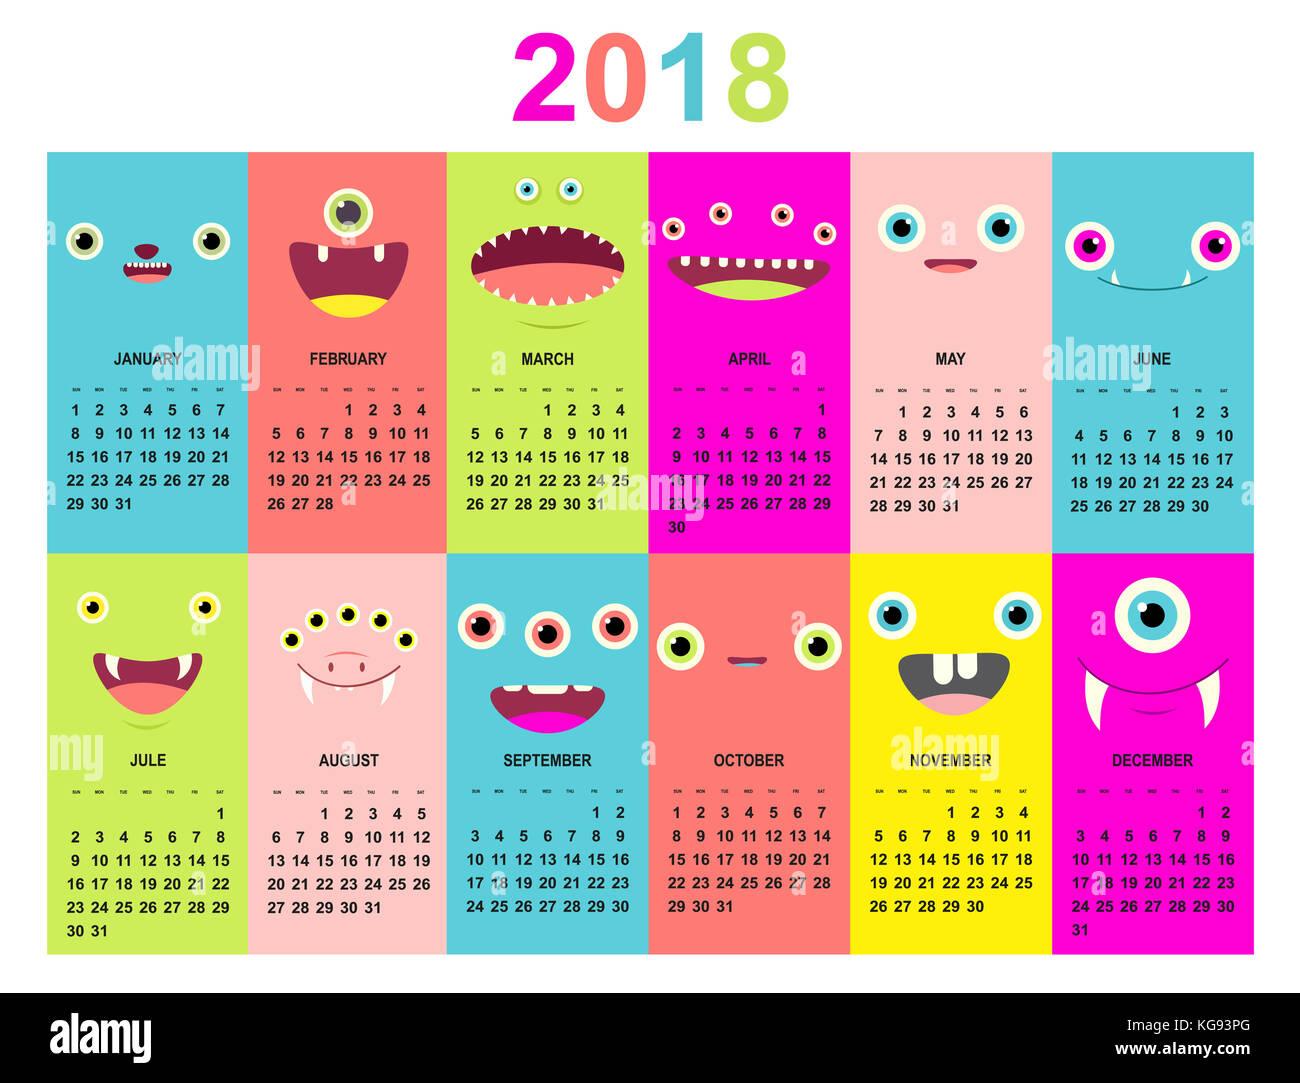 Cute Calendar February 2018 : Pretty february calendar